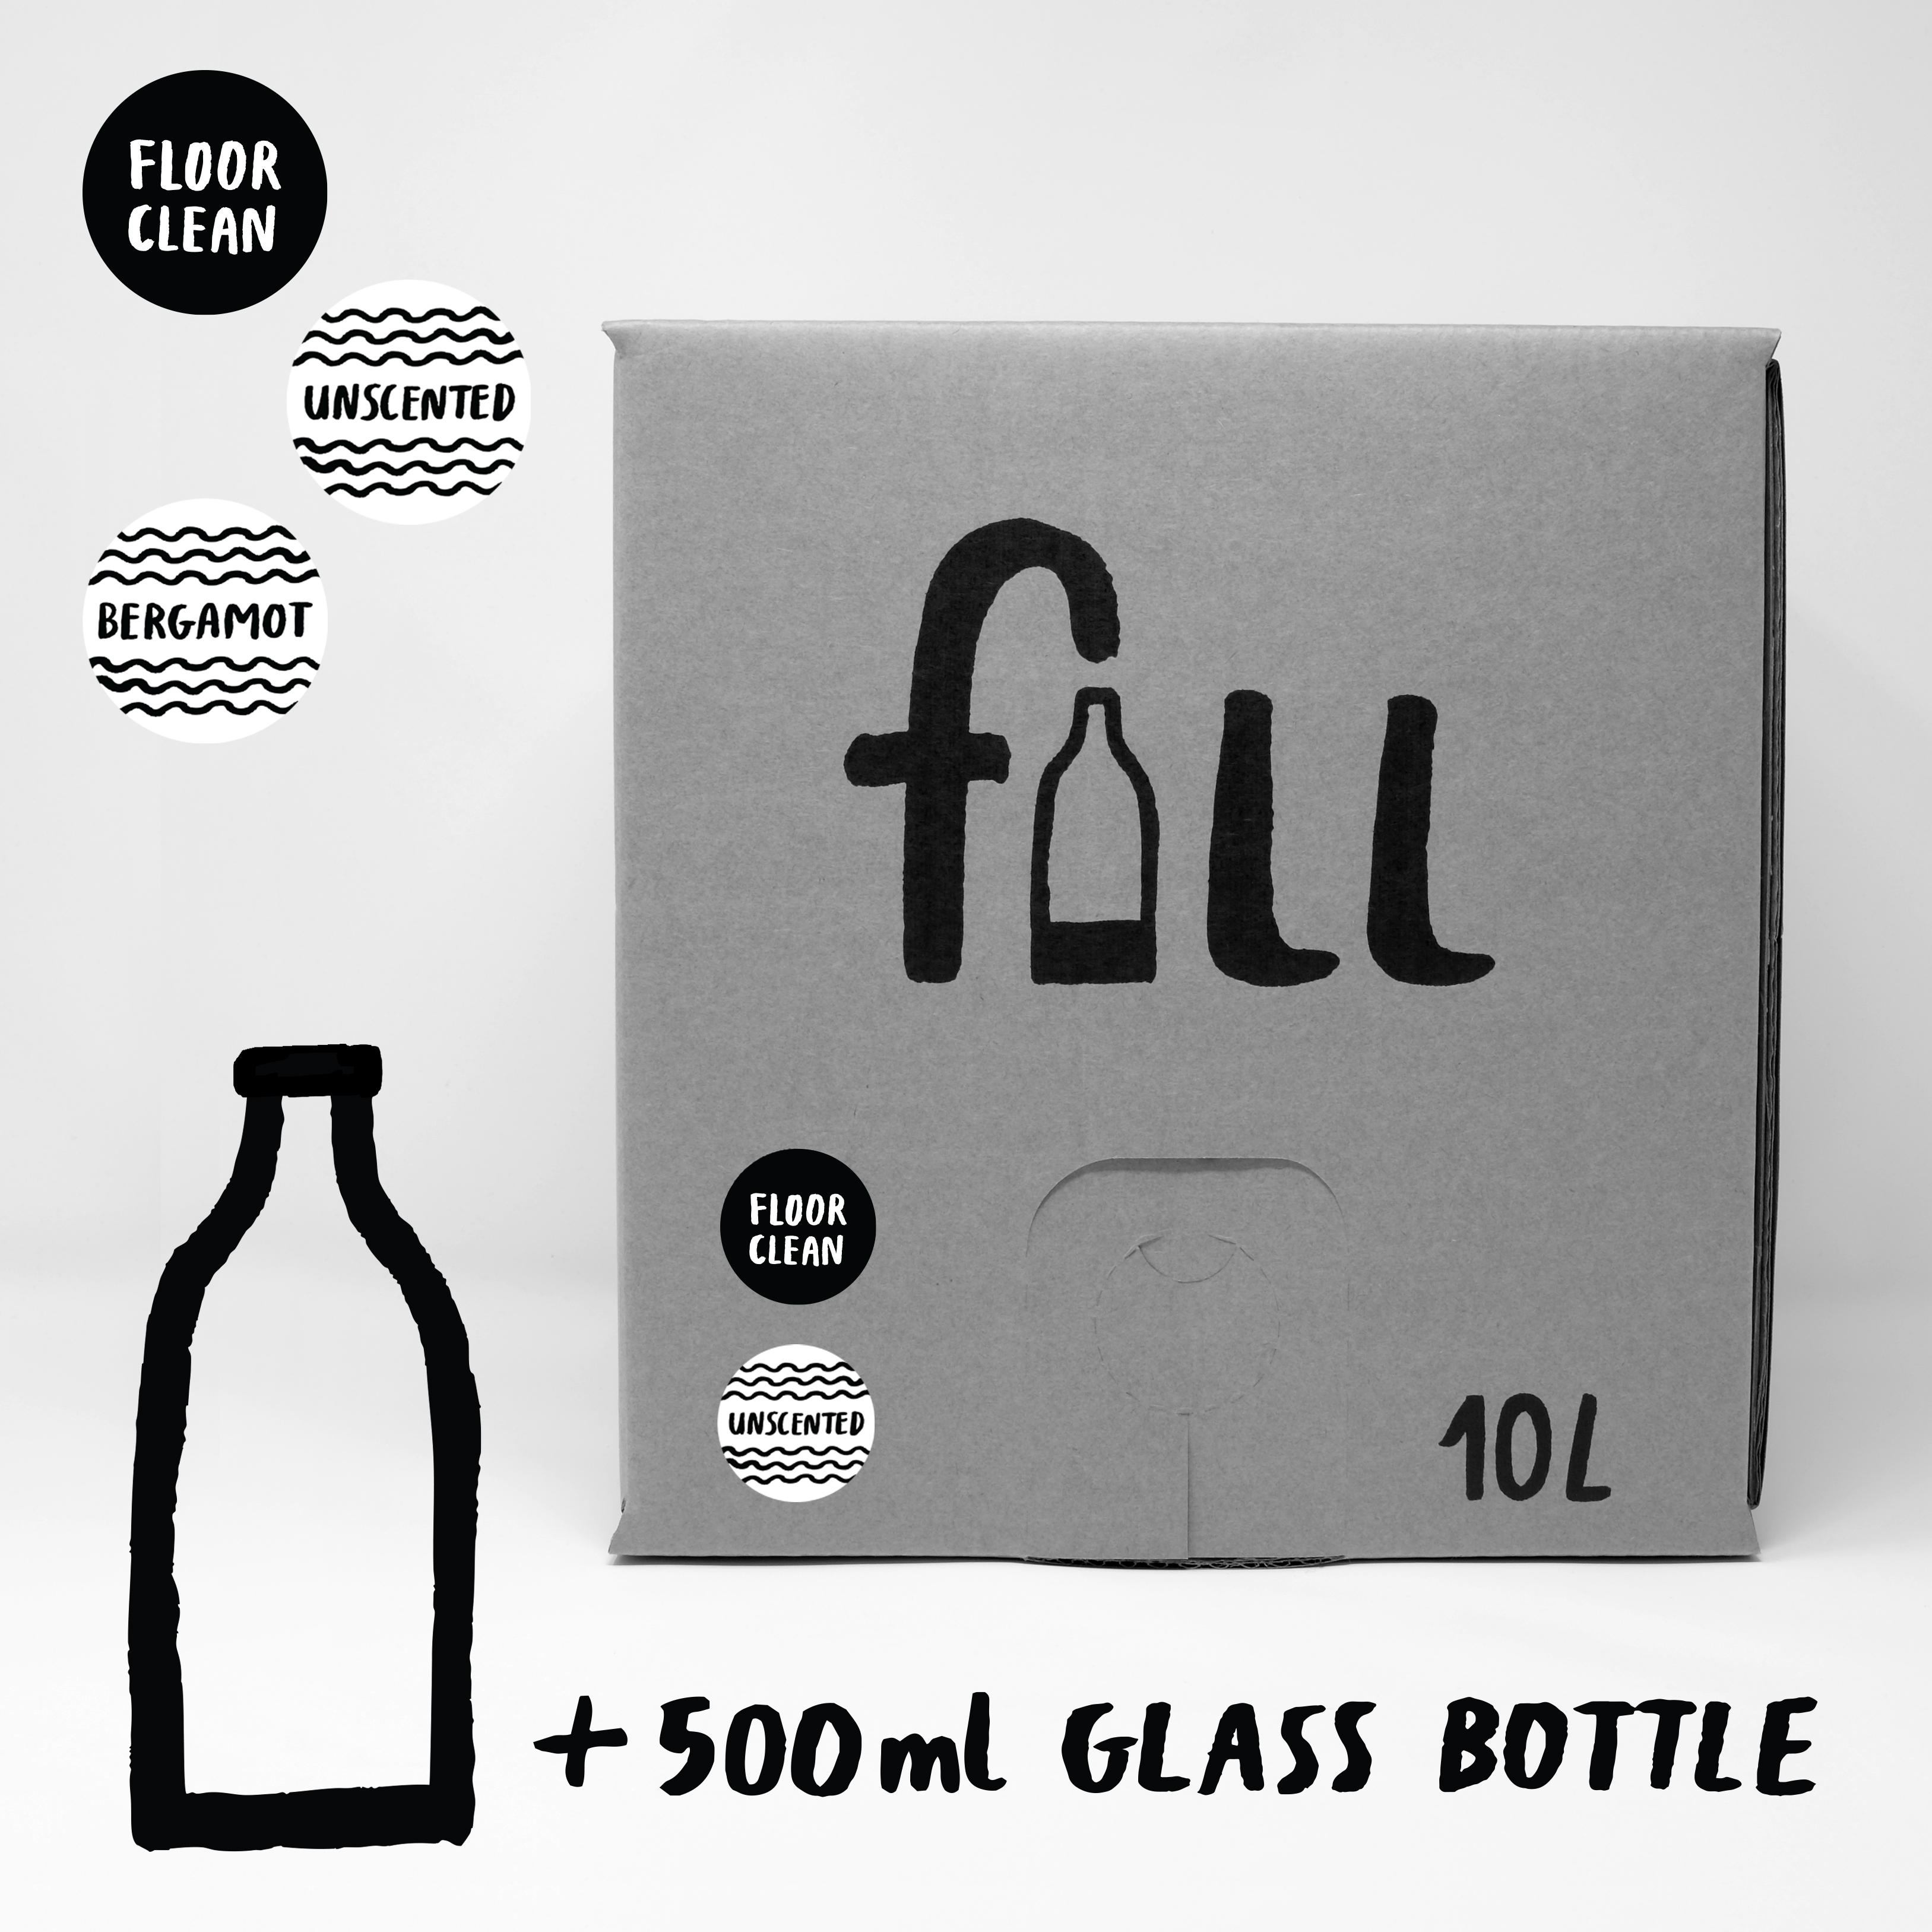 DO NOT USE Fill Refill Co Floor Clean 500ml Full Bottle